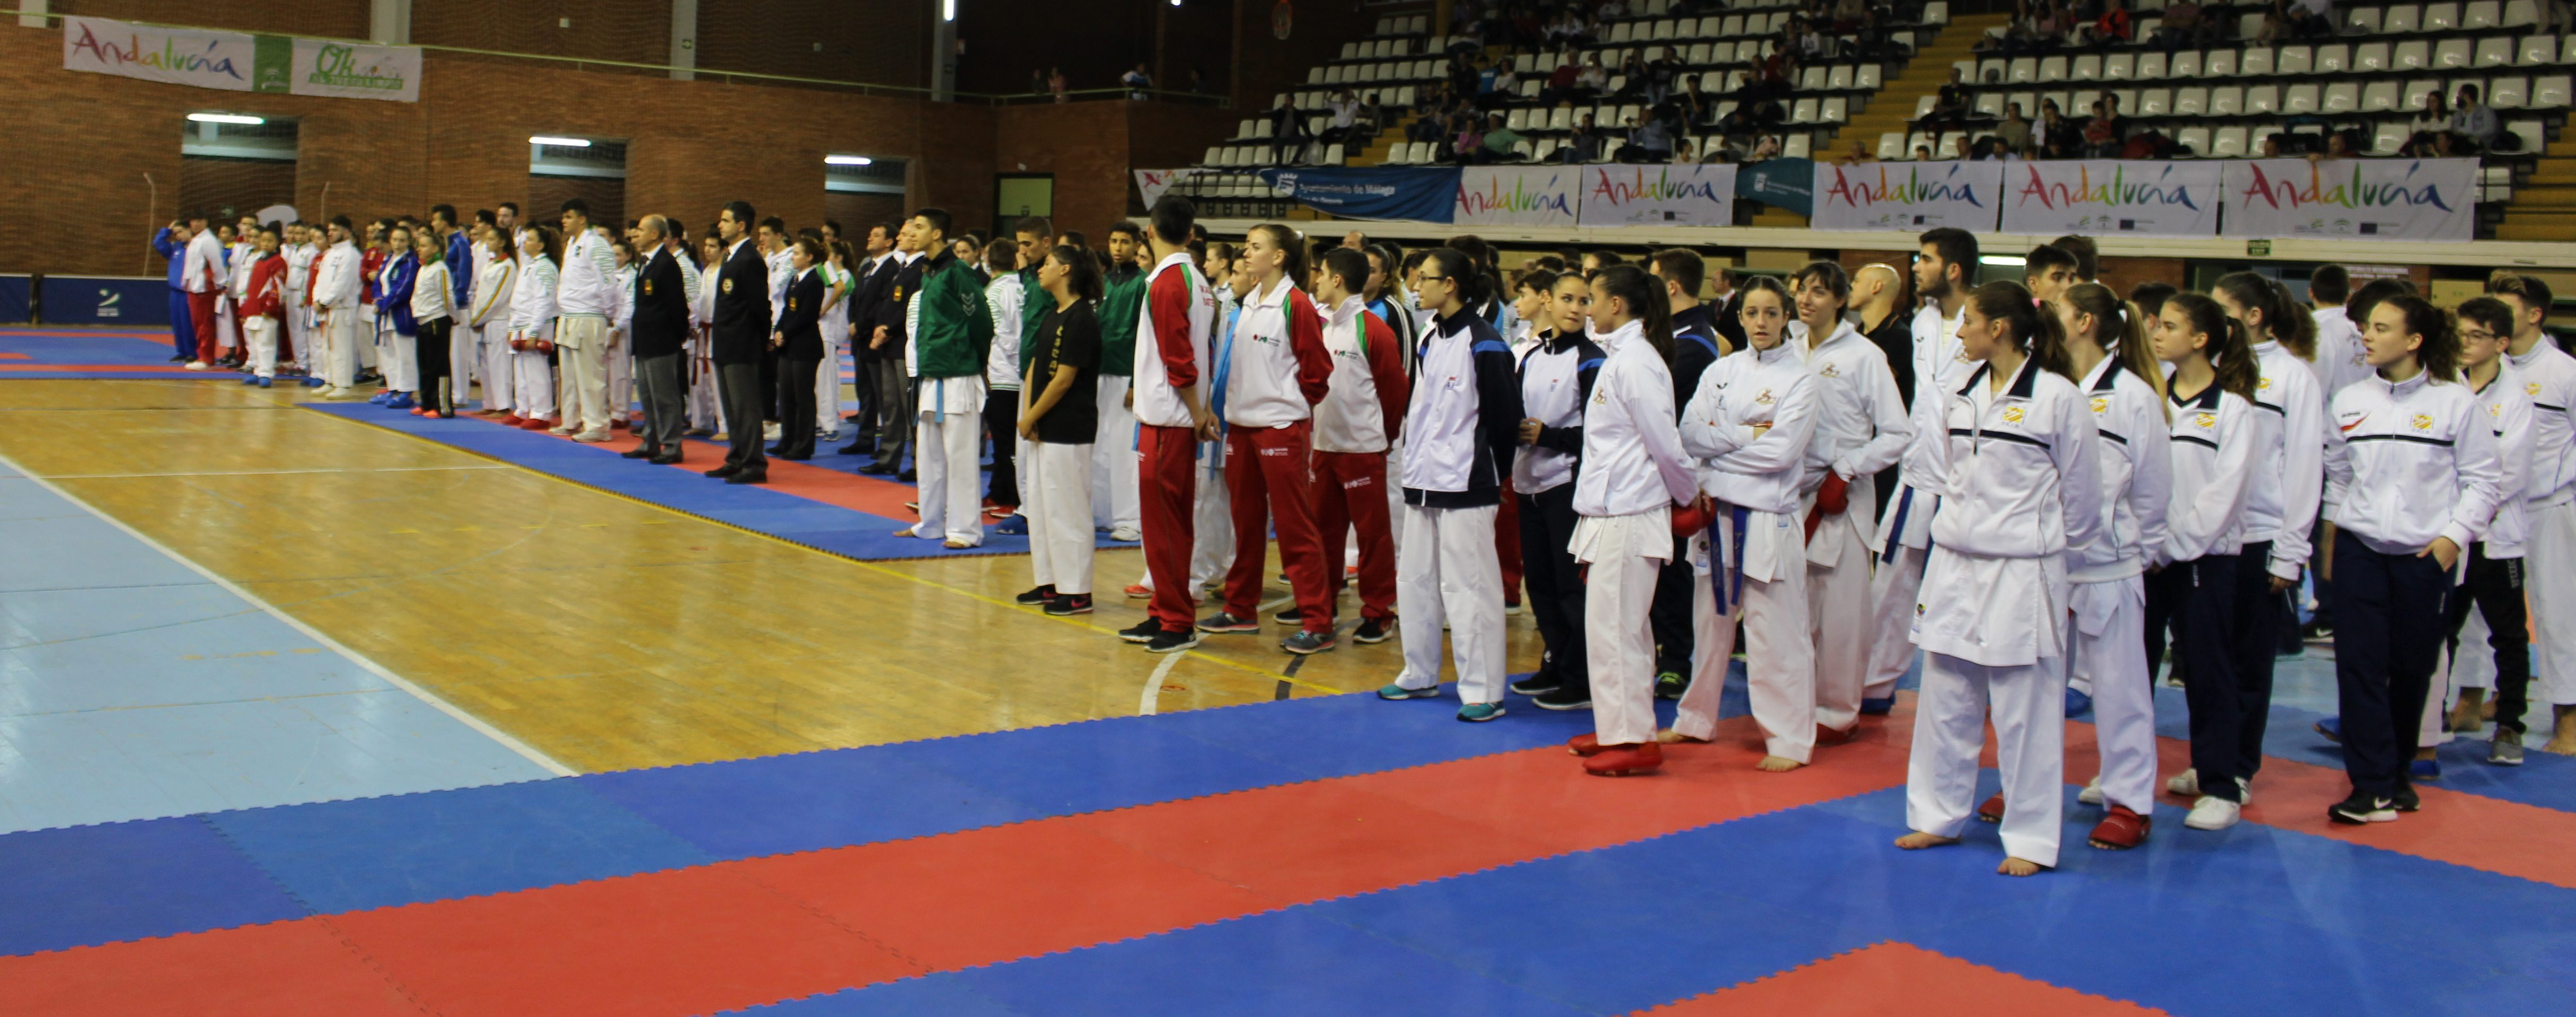 I torneo internacional de karate ciudad de m laga costa - Artes marciales sevilla ...